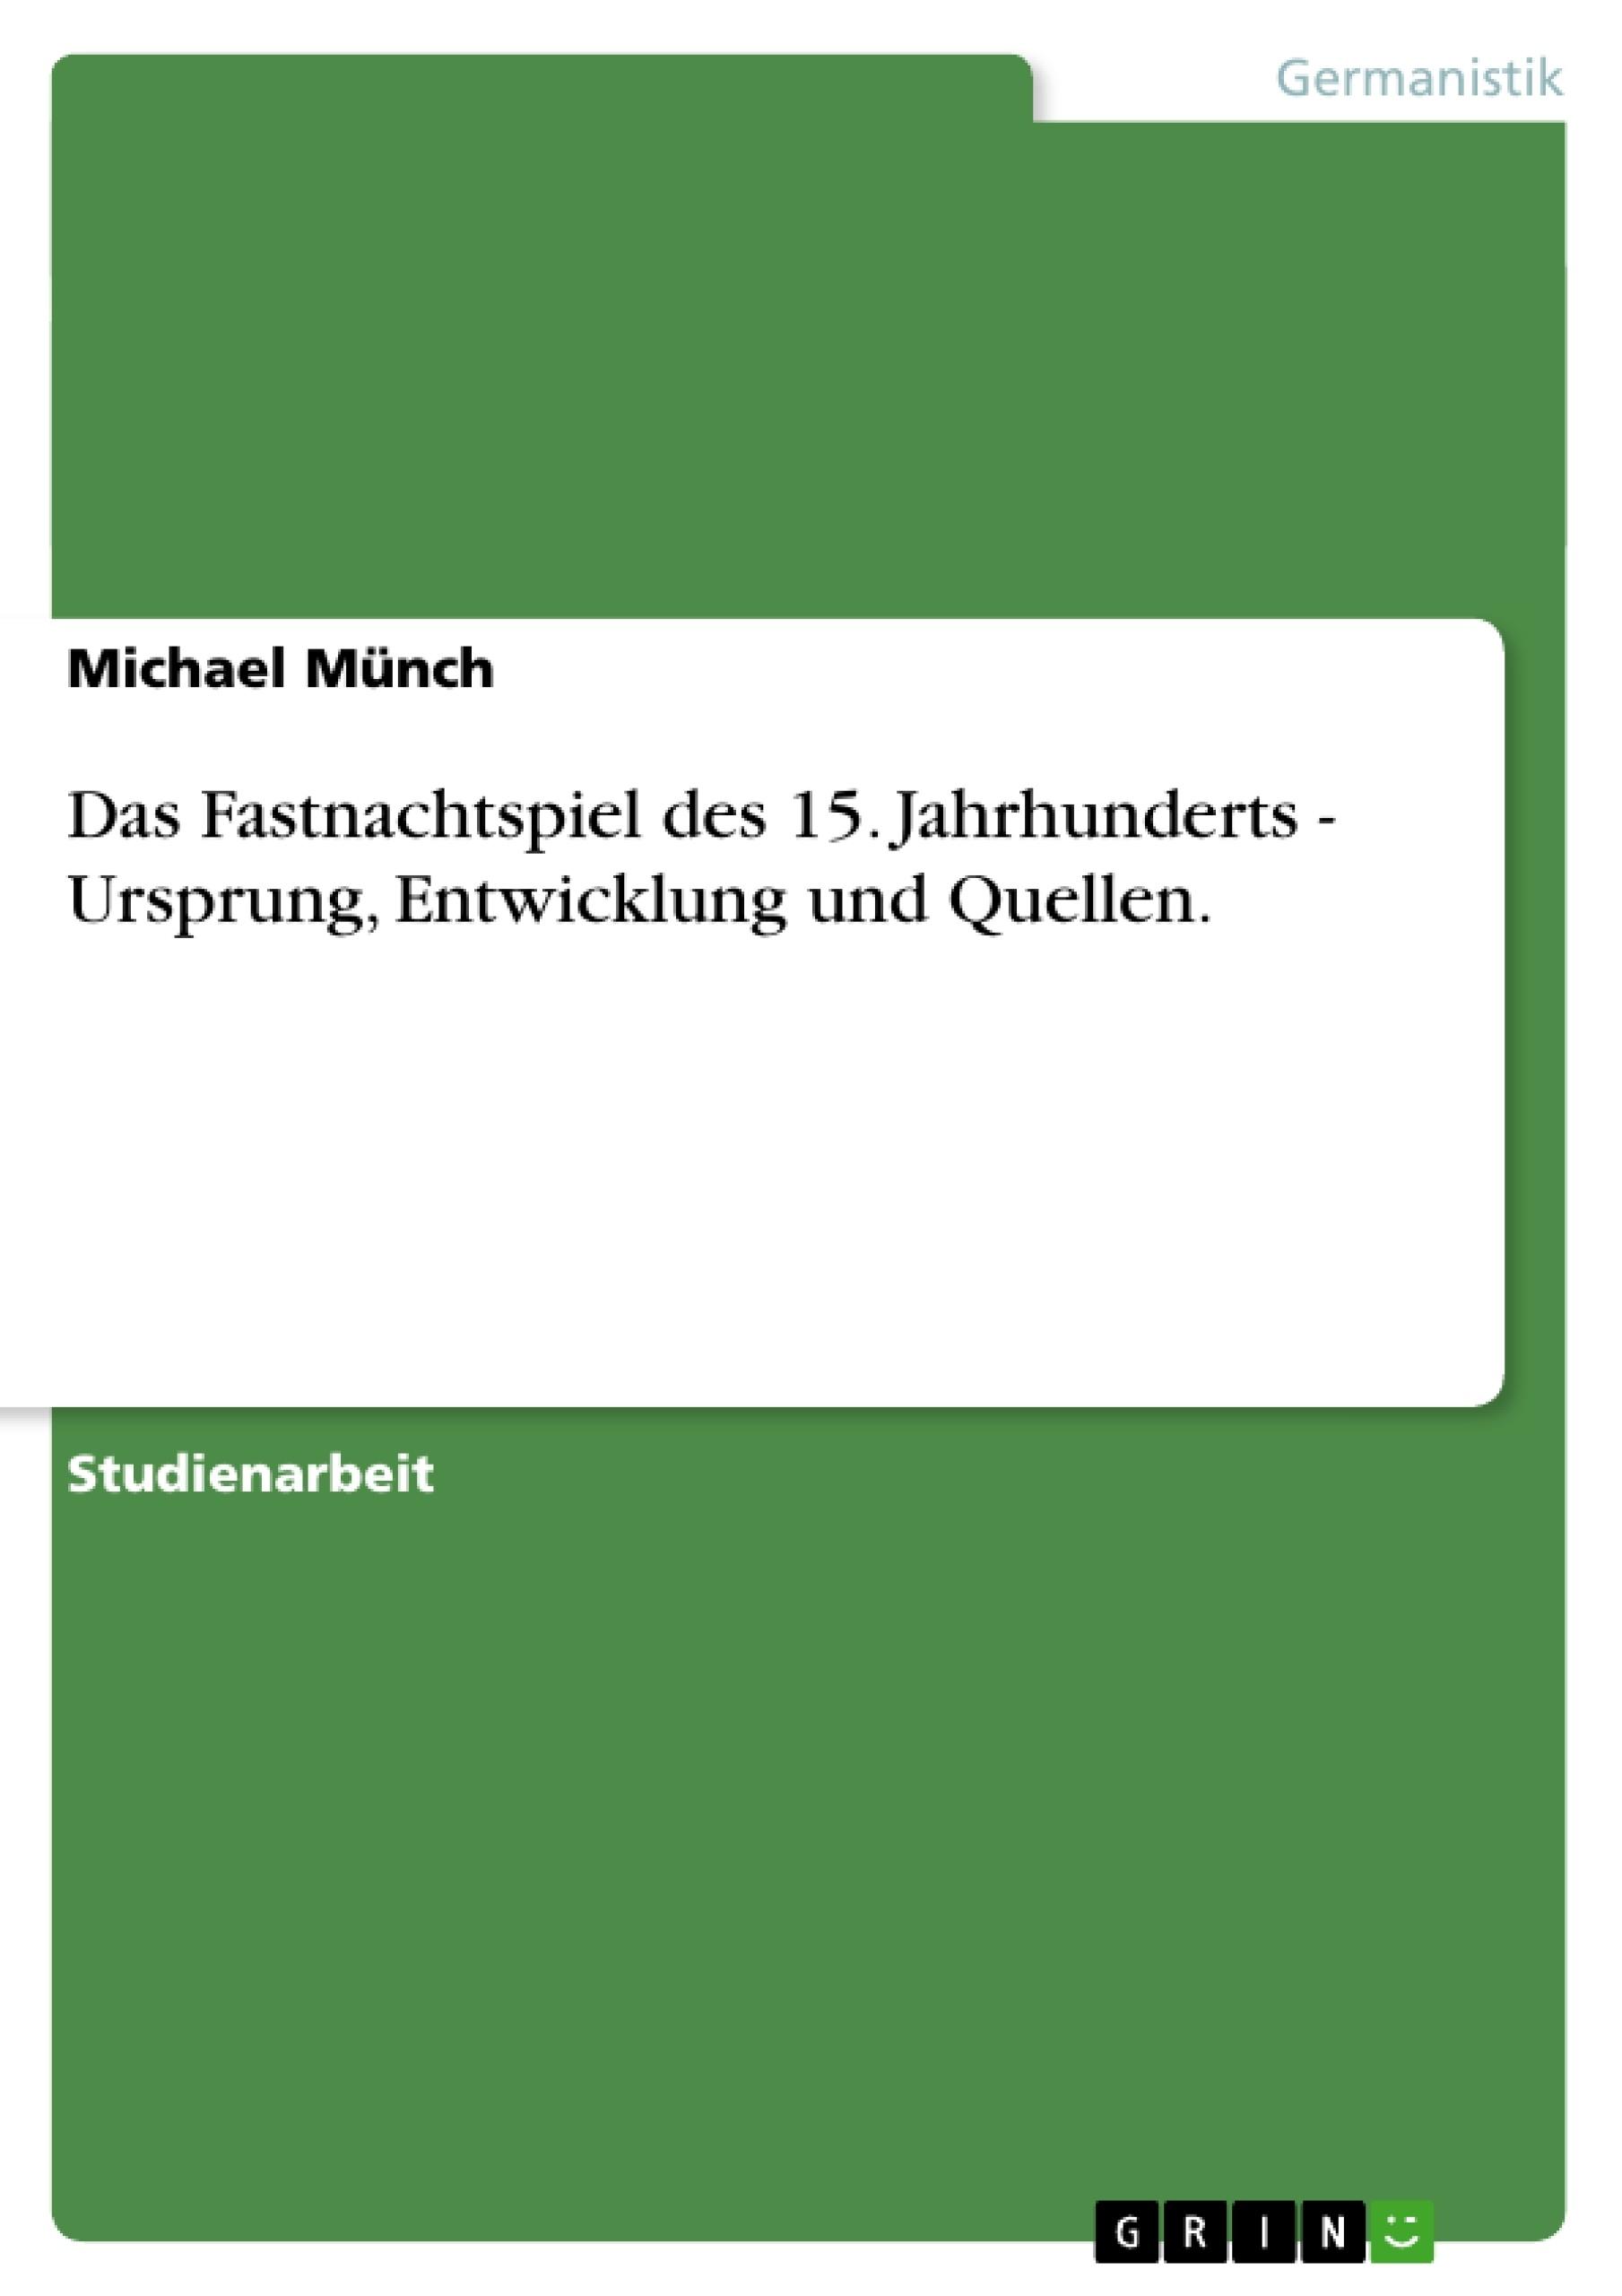 Titel: Das Fastnachtspiel des 15. Jahrhunderts - Ursprung, Entwicklung und Quellen.